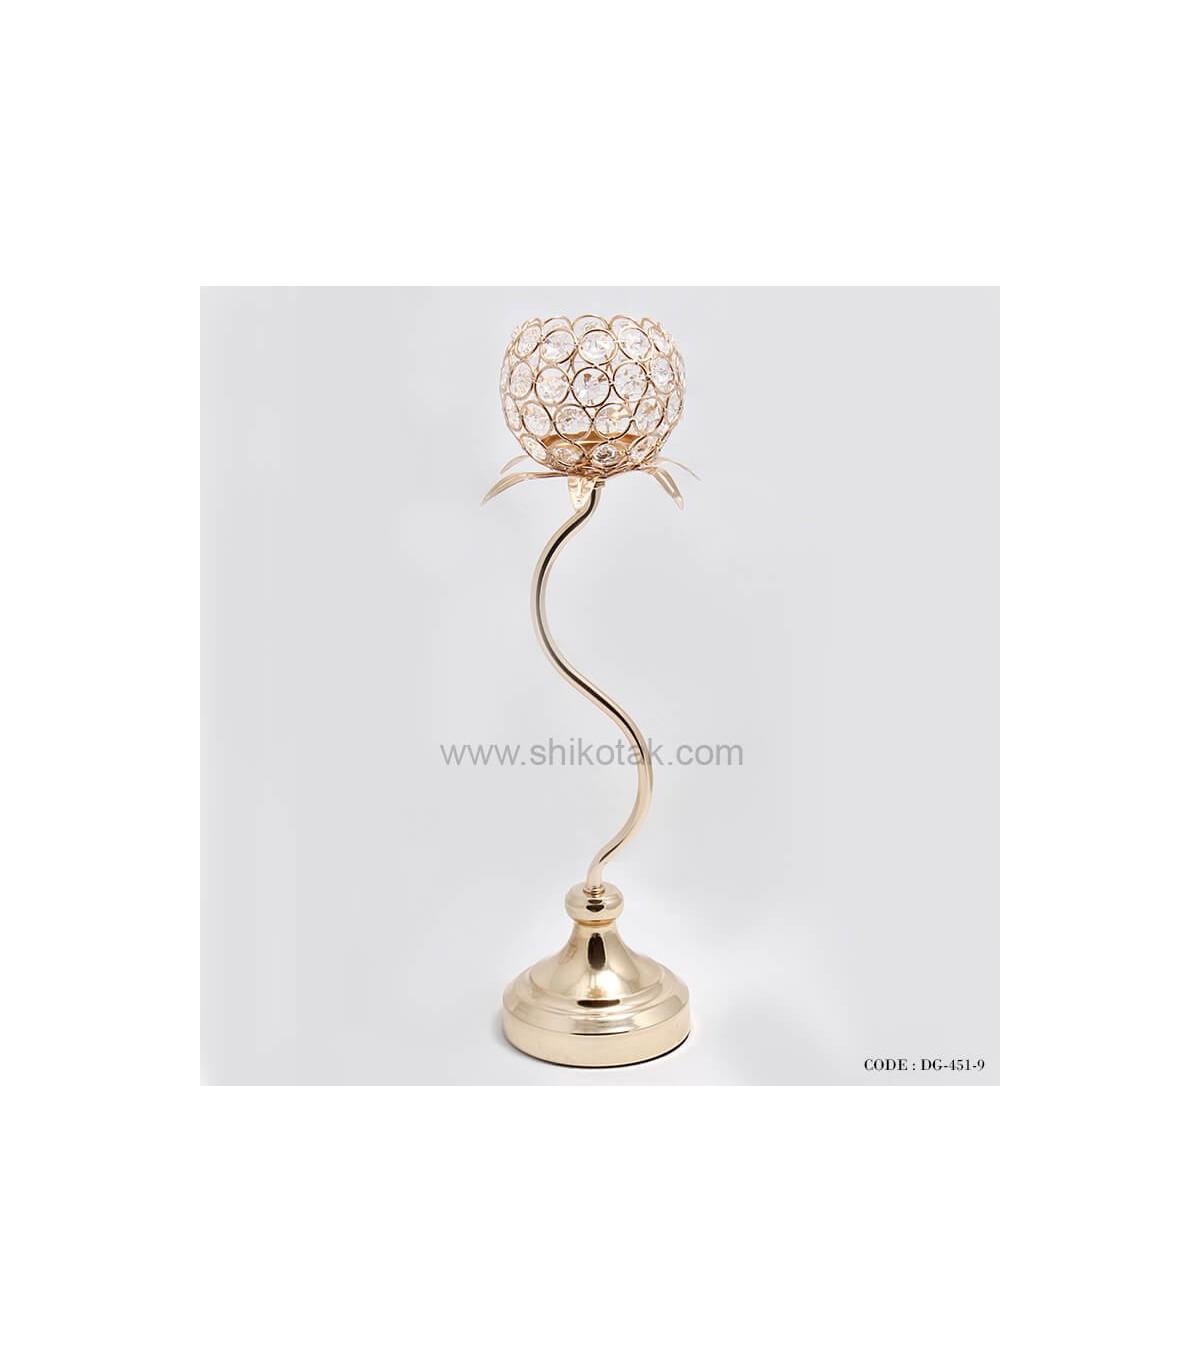 خرید جاشمعی طلایی گلبرگ دار